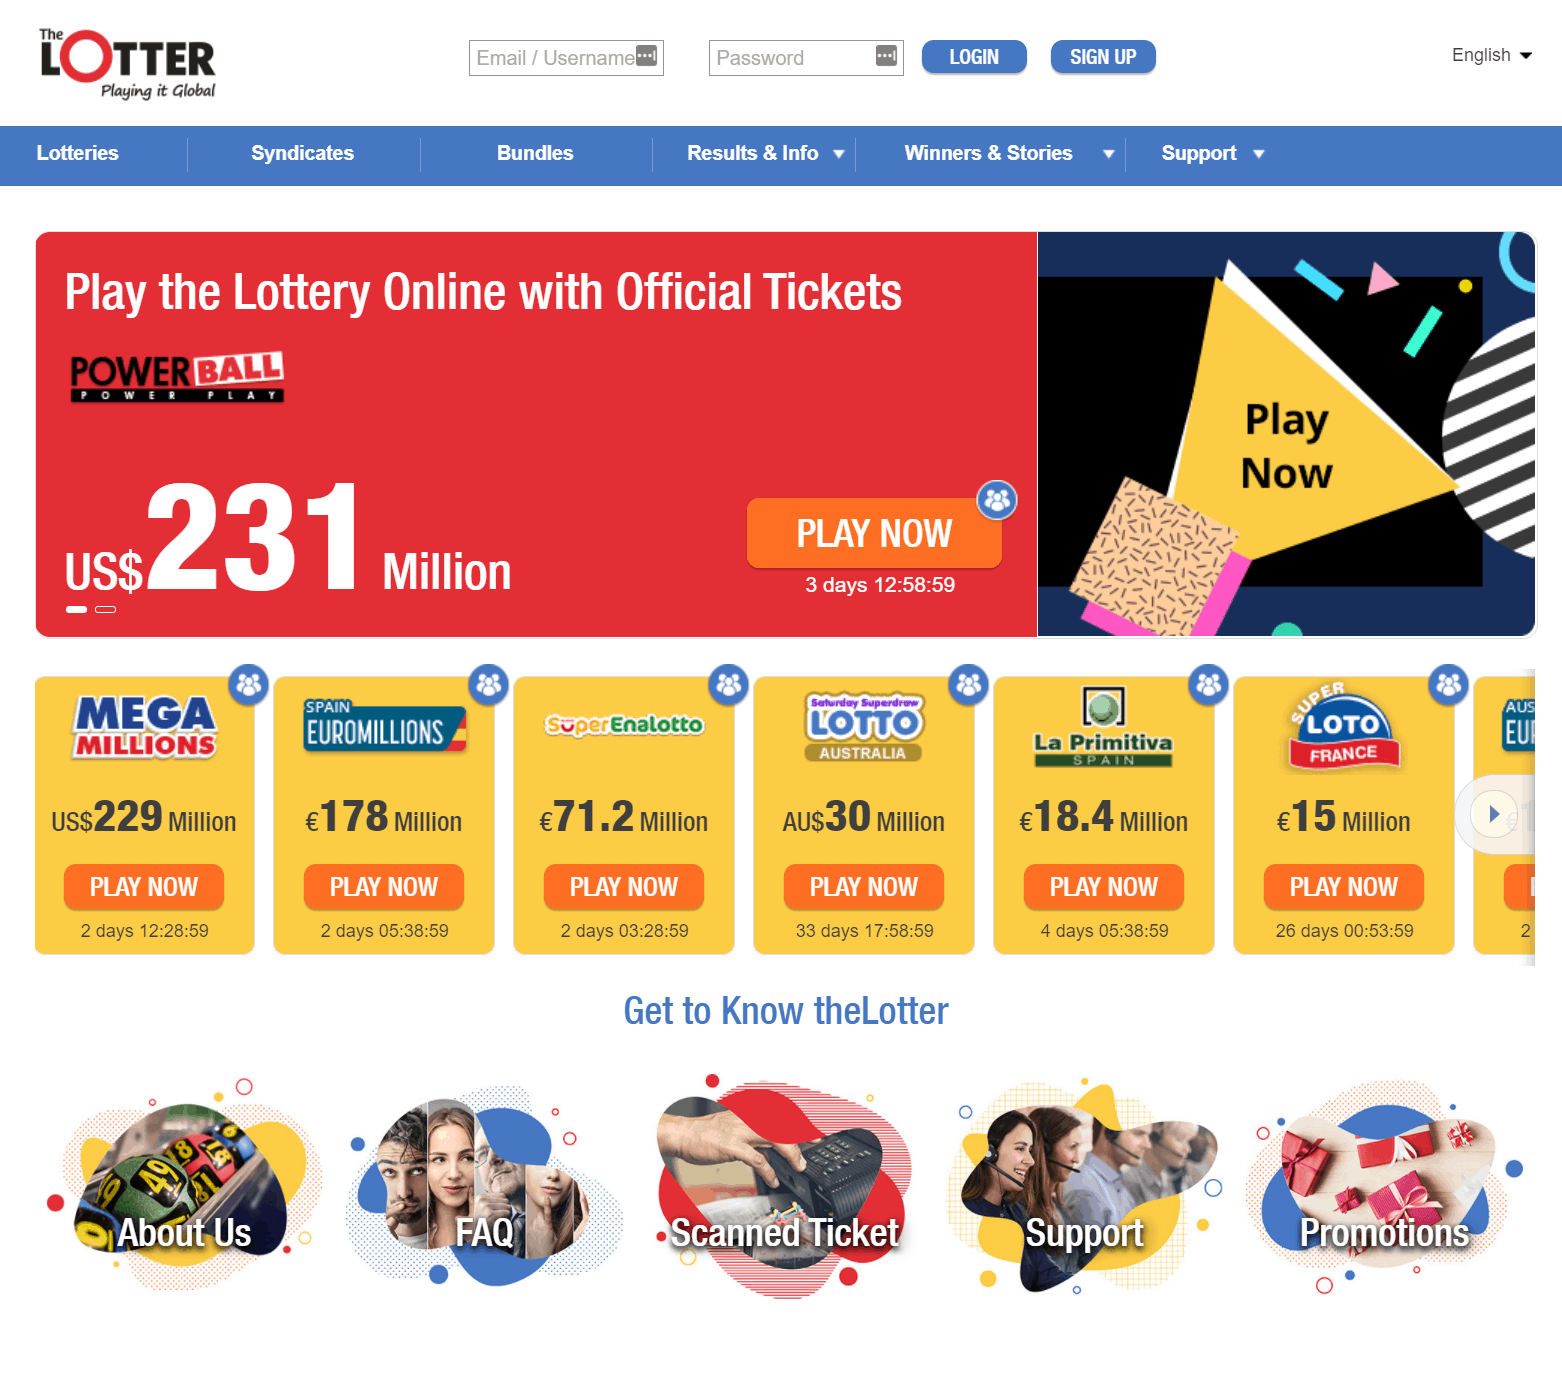 thelotter screenshot 2020